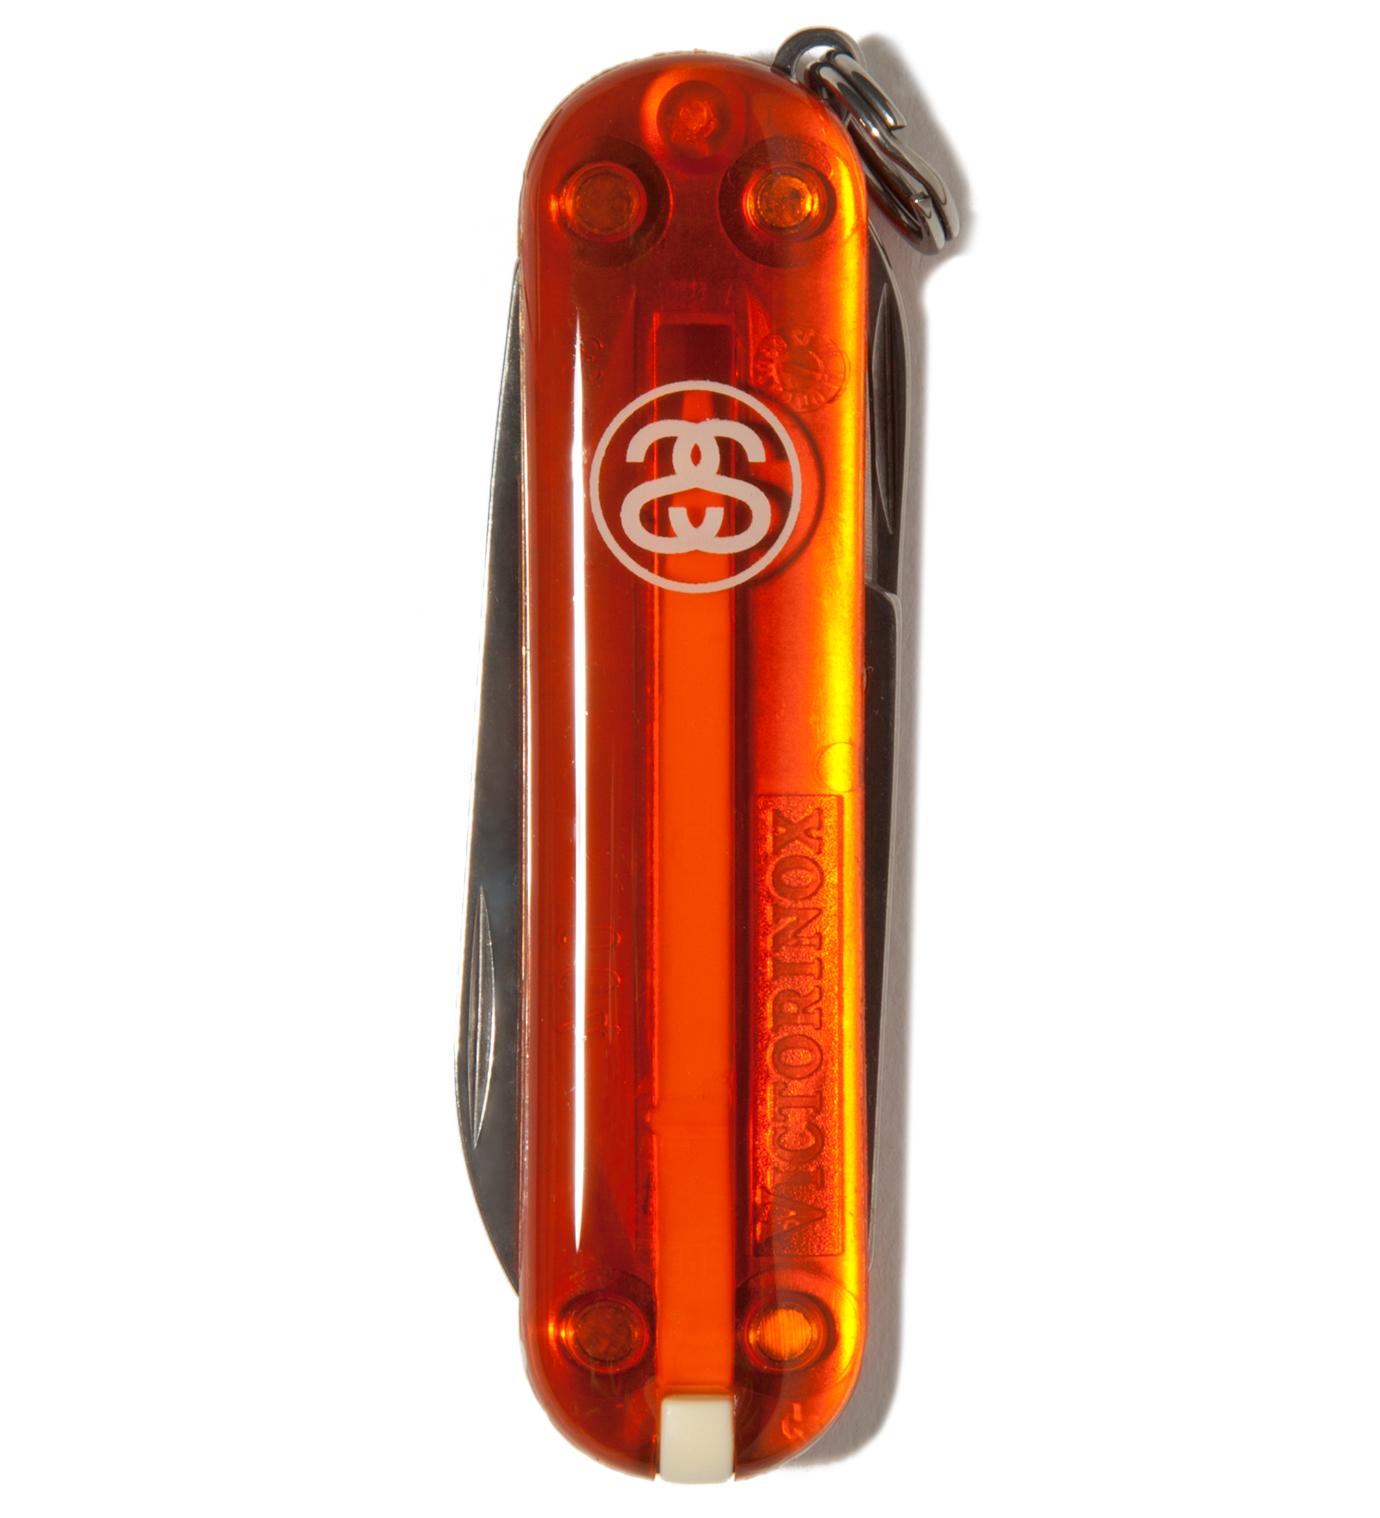 Stussy Orange SS Link Pocket Knife